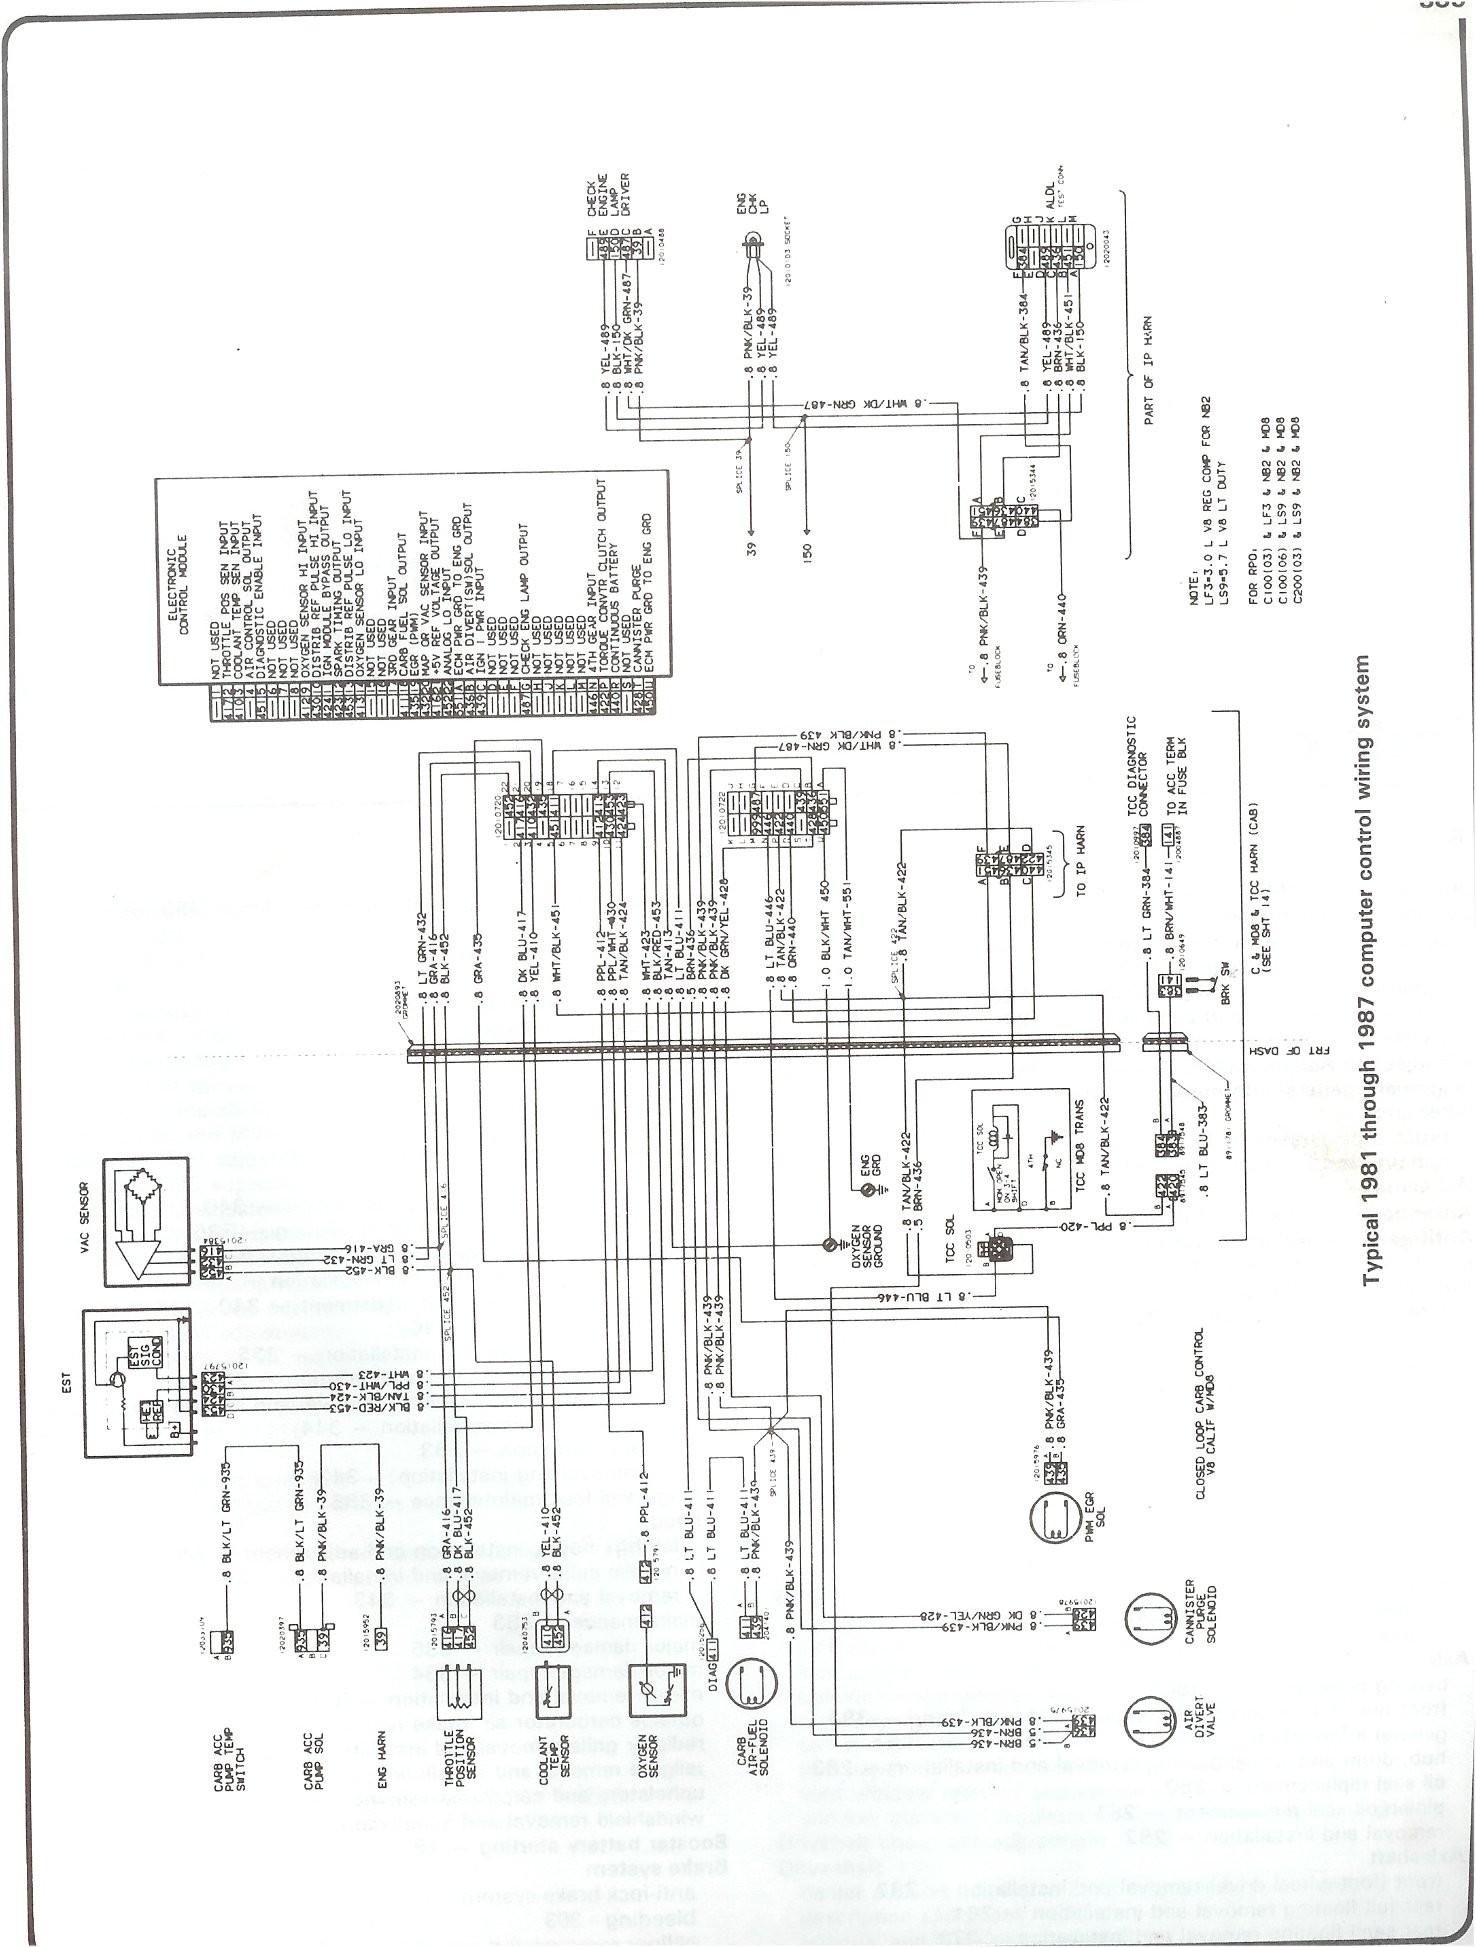 1970 chevy truck wiring diagram 2006 gsxr 750 1975 harness data schema 86 block 1958